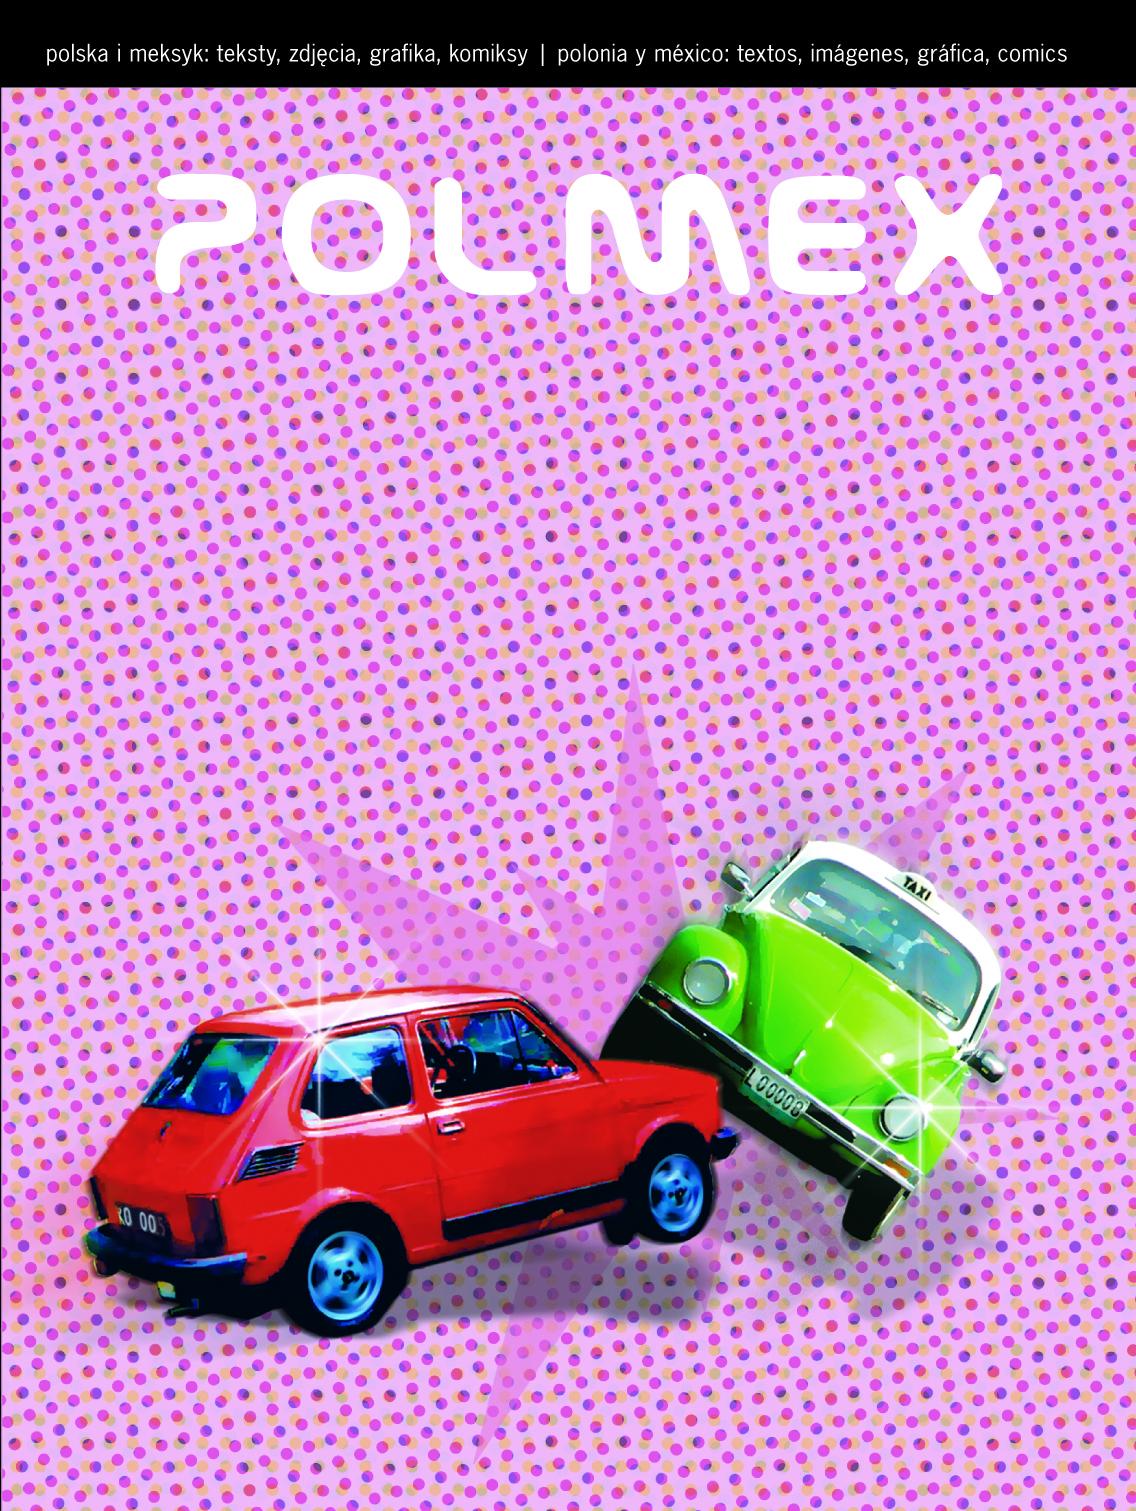 PolMex